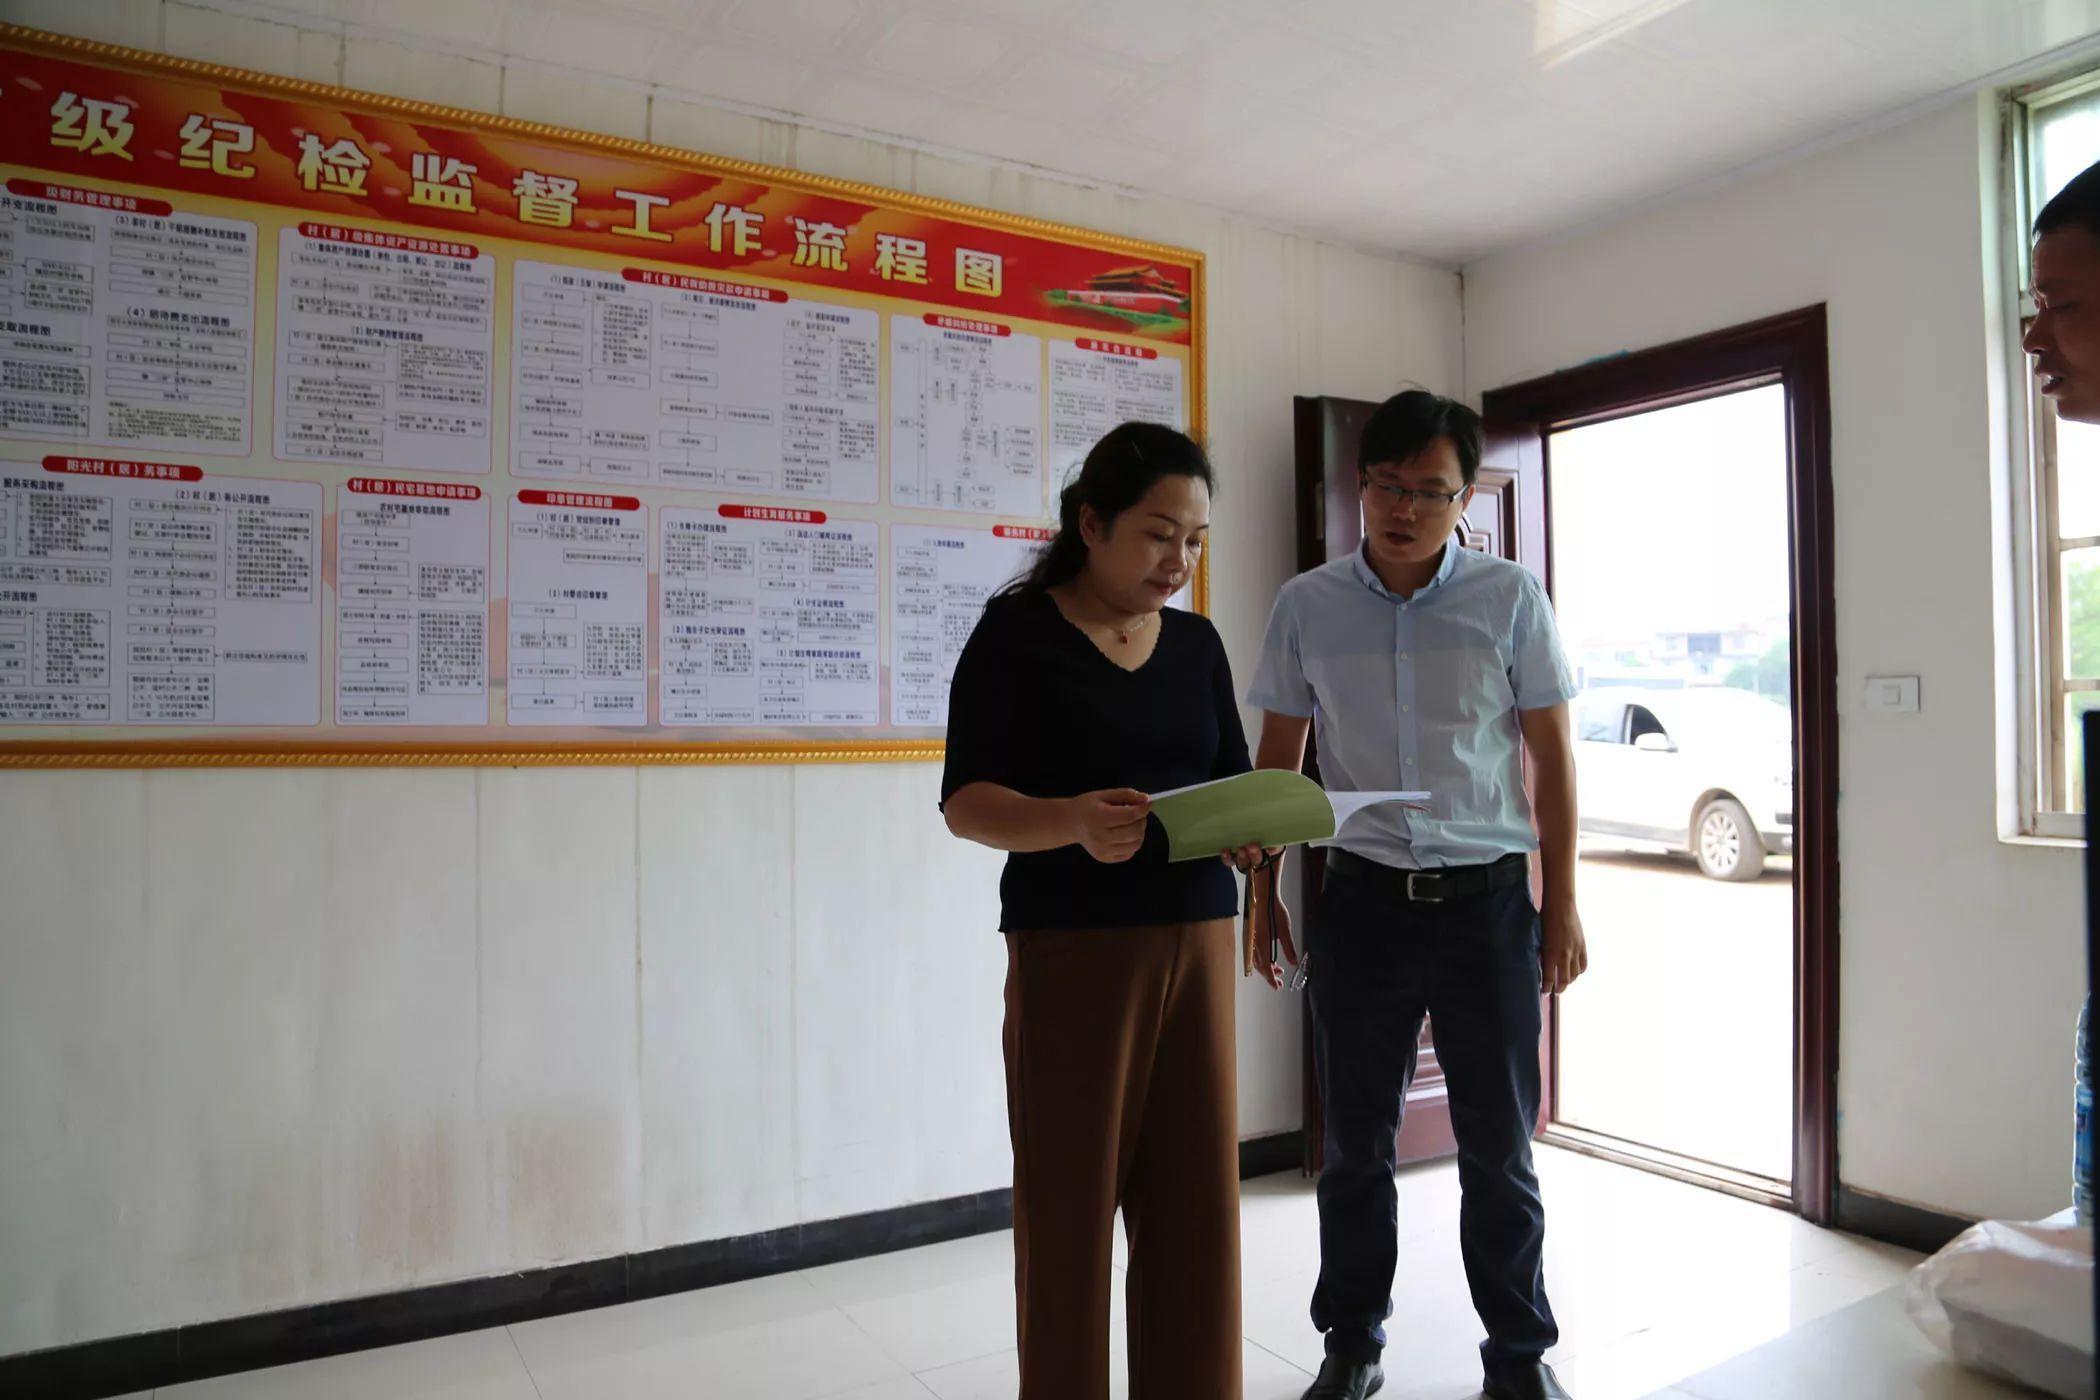 国庆假日期间,县纪委对乡镇悬挂扶贫领域监督执纪问责宣传标语情况图片